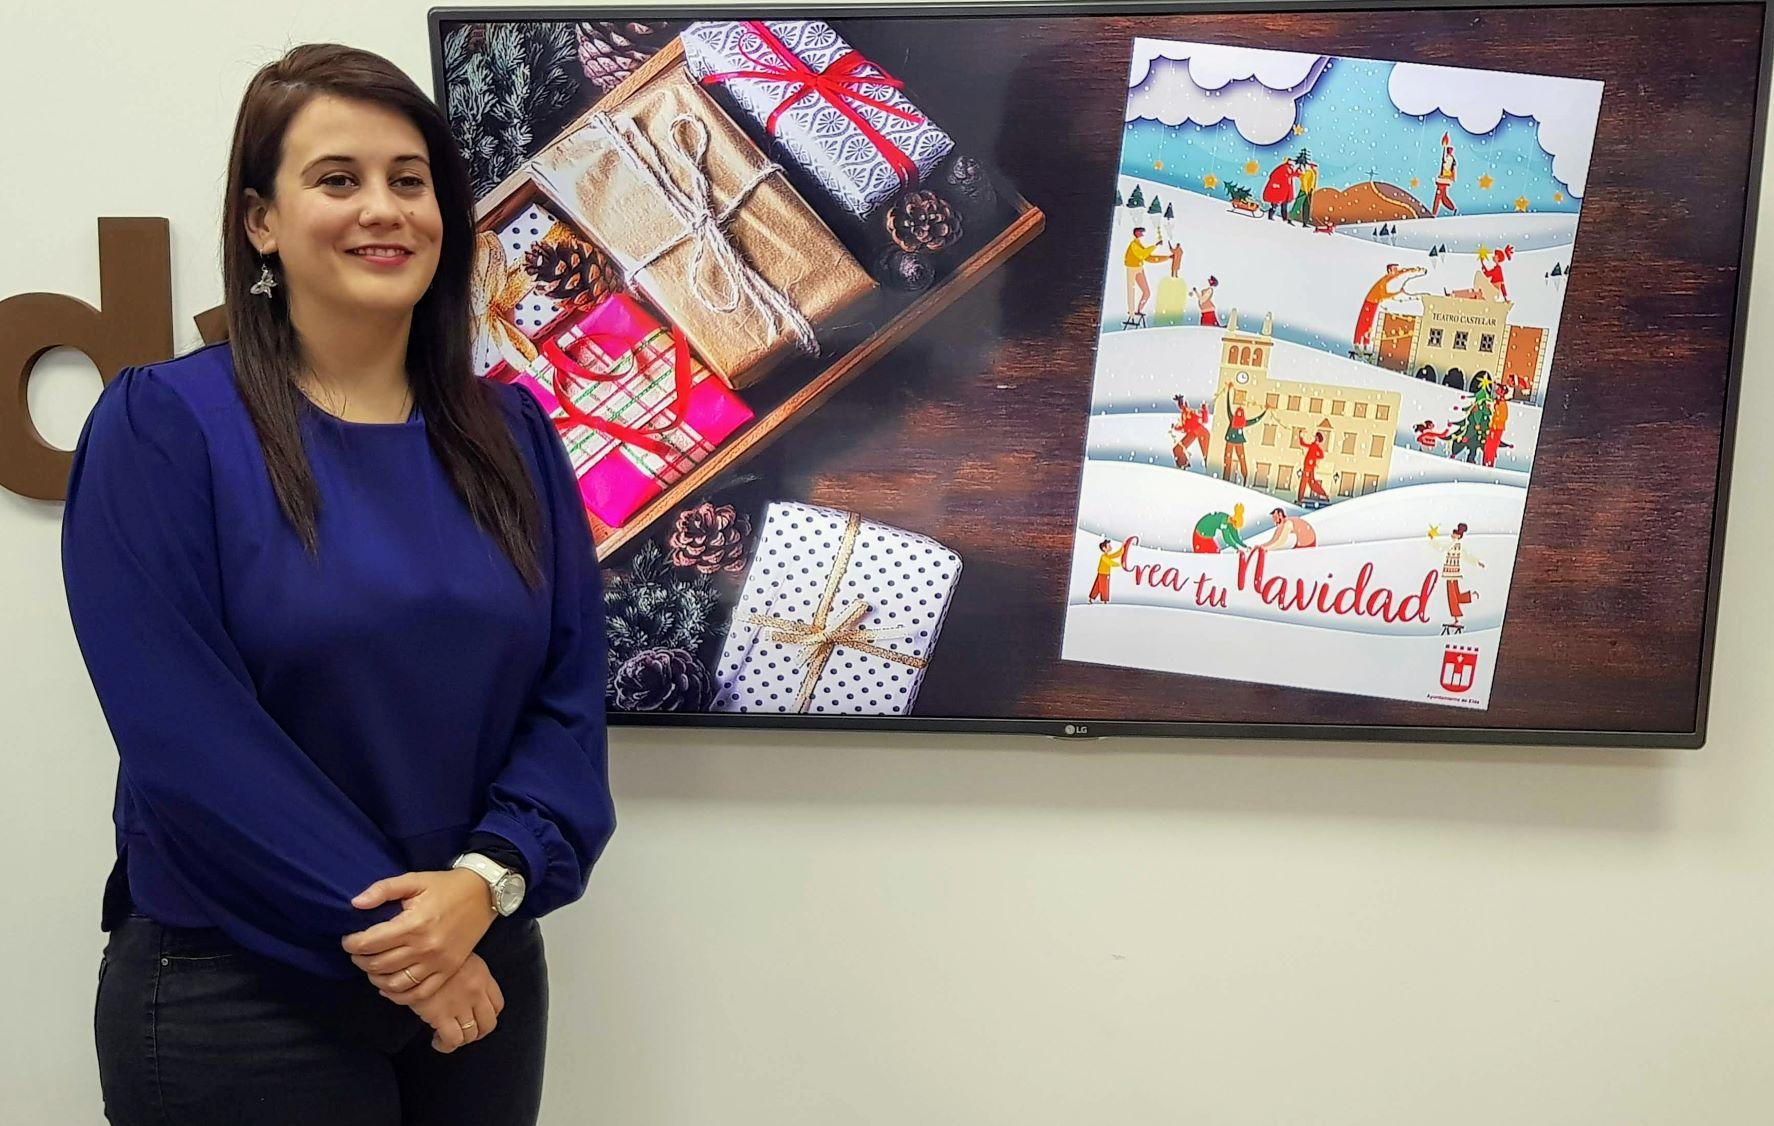 Las calles y plazas de Elda se llenarán de un ambiente festivo con la campaña 'Crea tu Navidad'